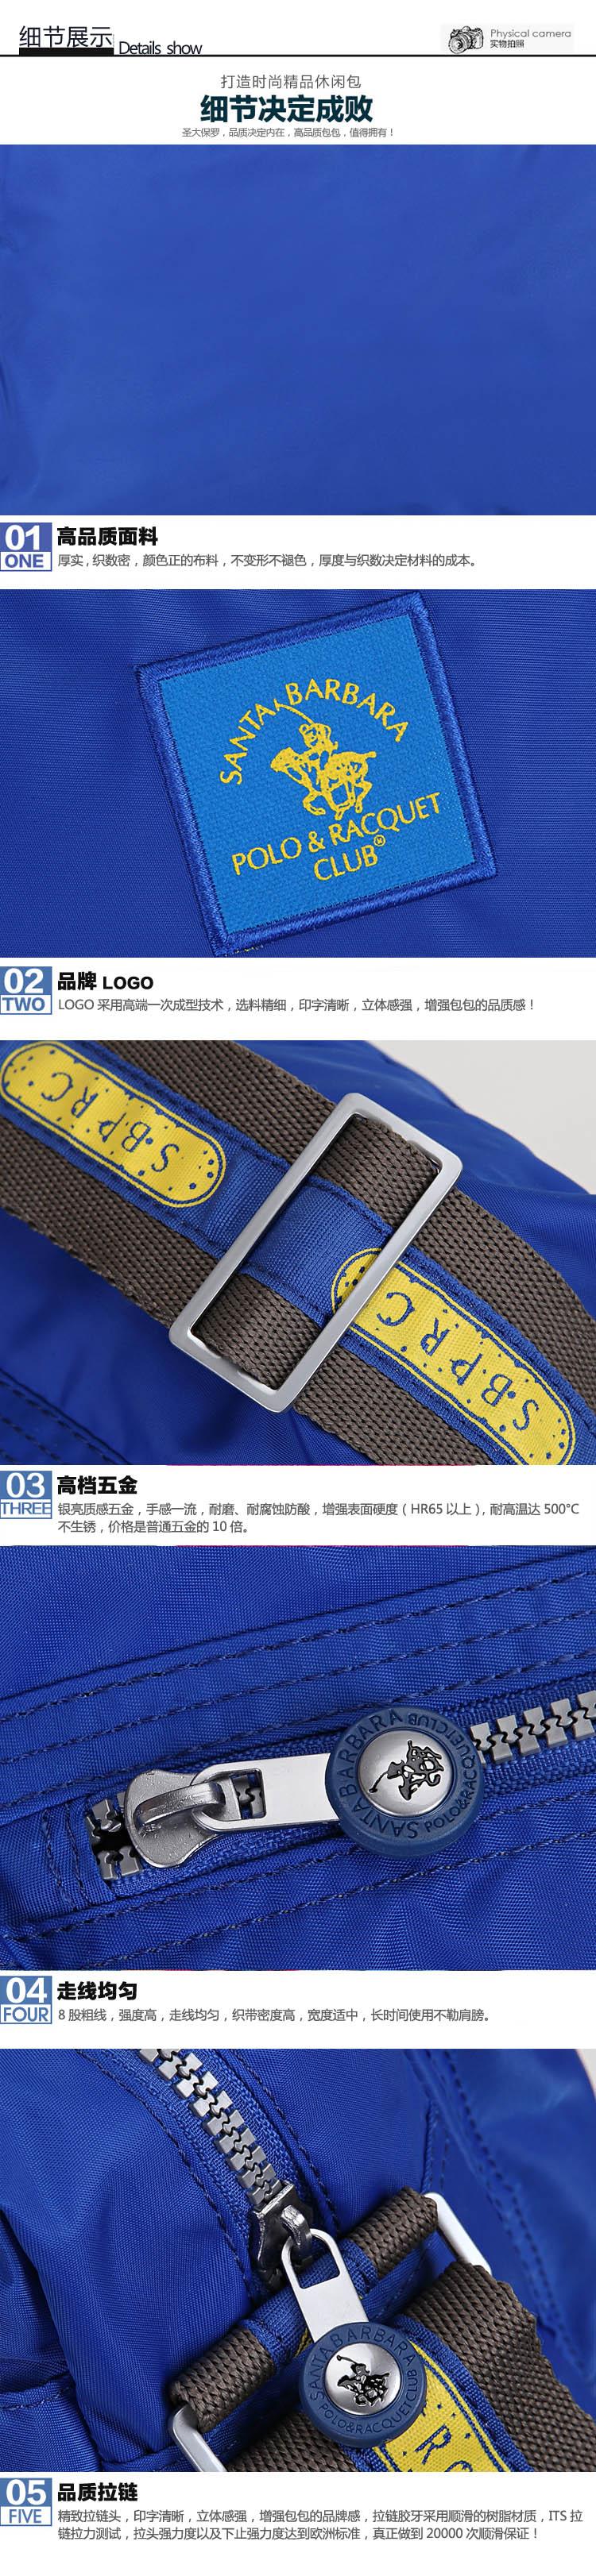 圣大保罗polo 男包单肩运动尼龙帆布包休闲斜挎包 防水小随身包大